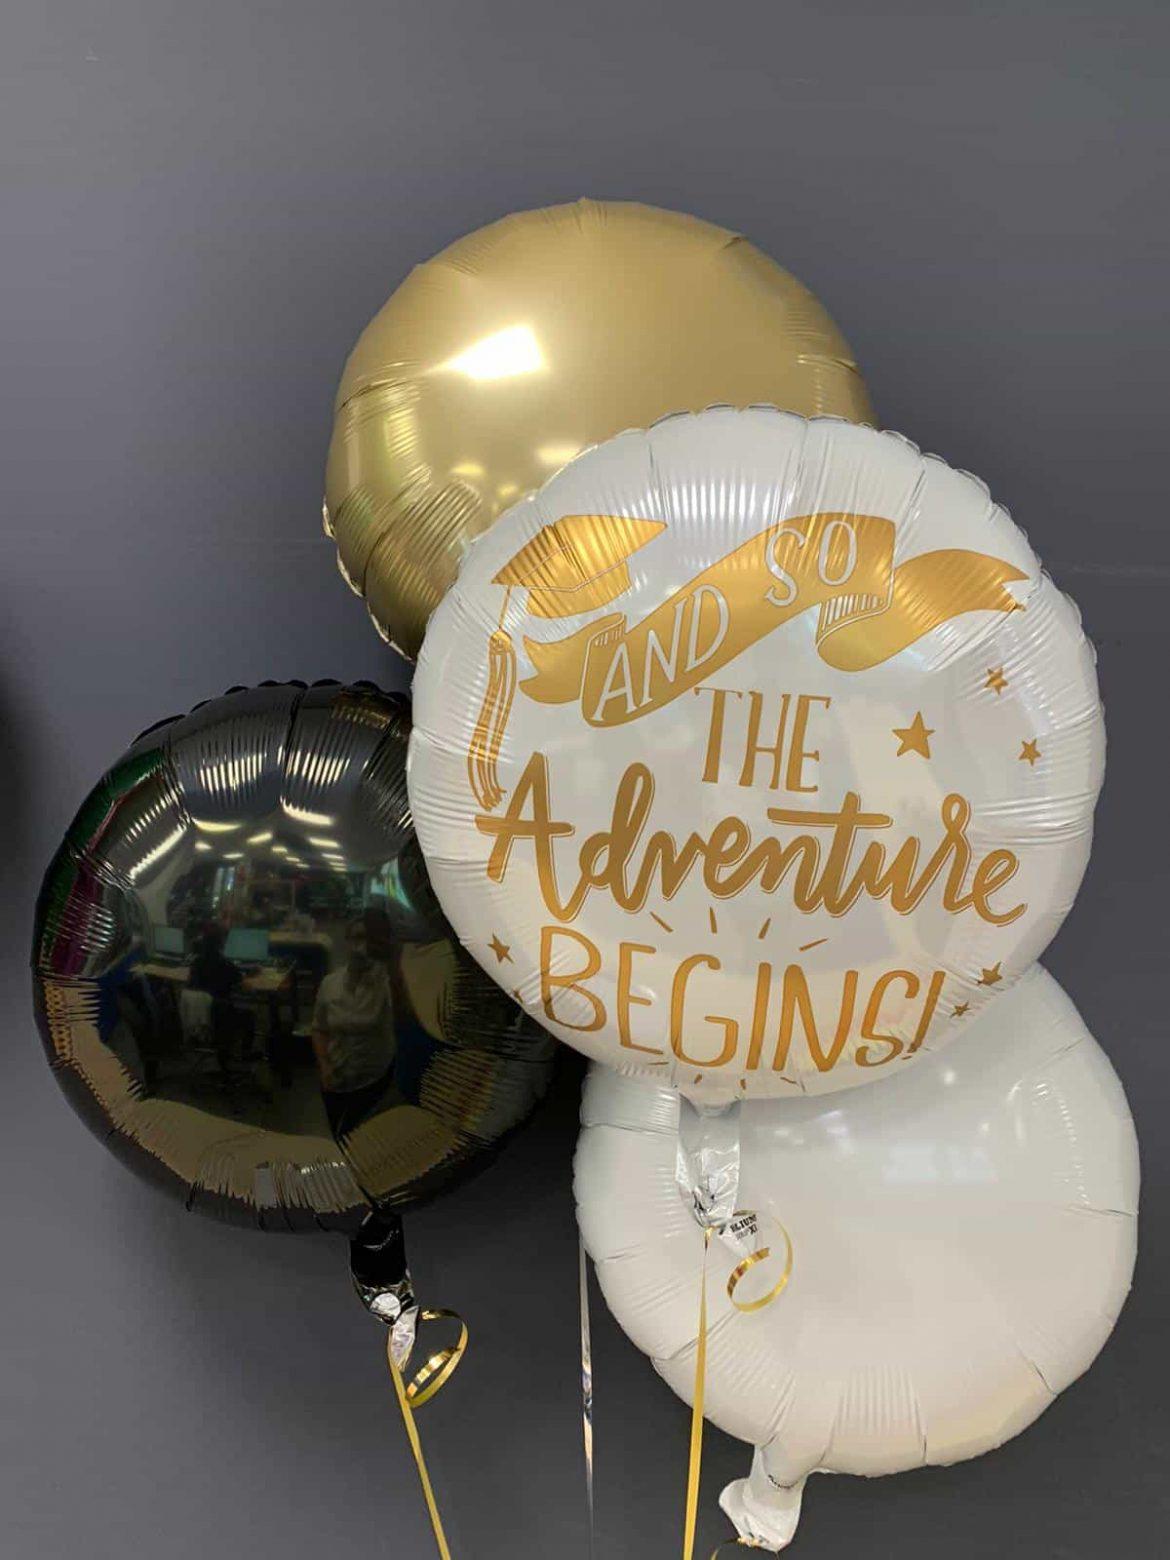 The Adventure Begins<br />Abschlussballon € 5,50<br />Dekoballons € 4,50 1